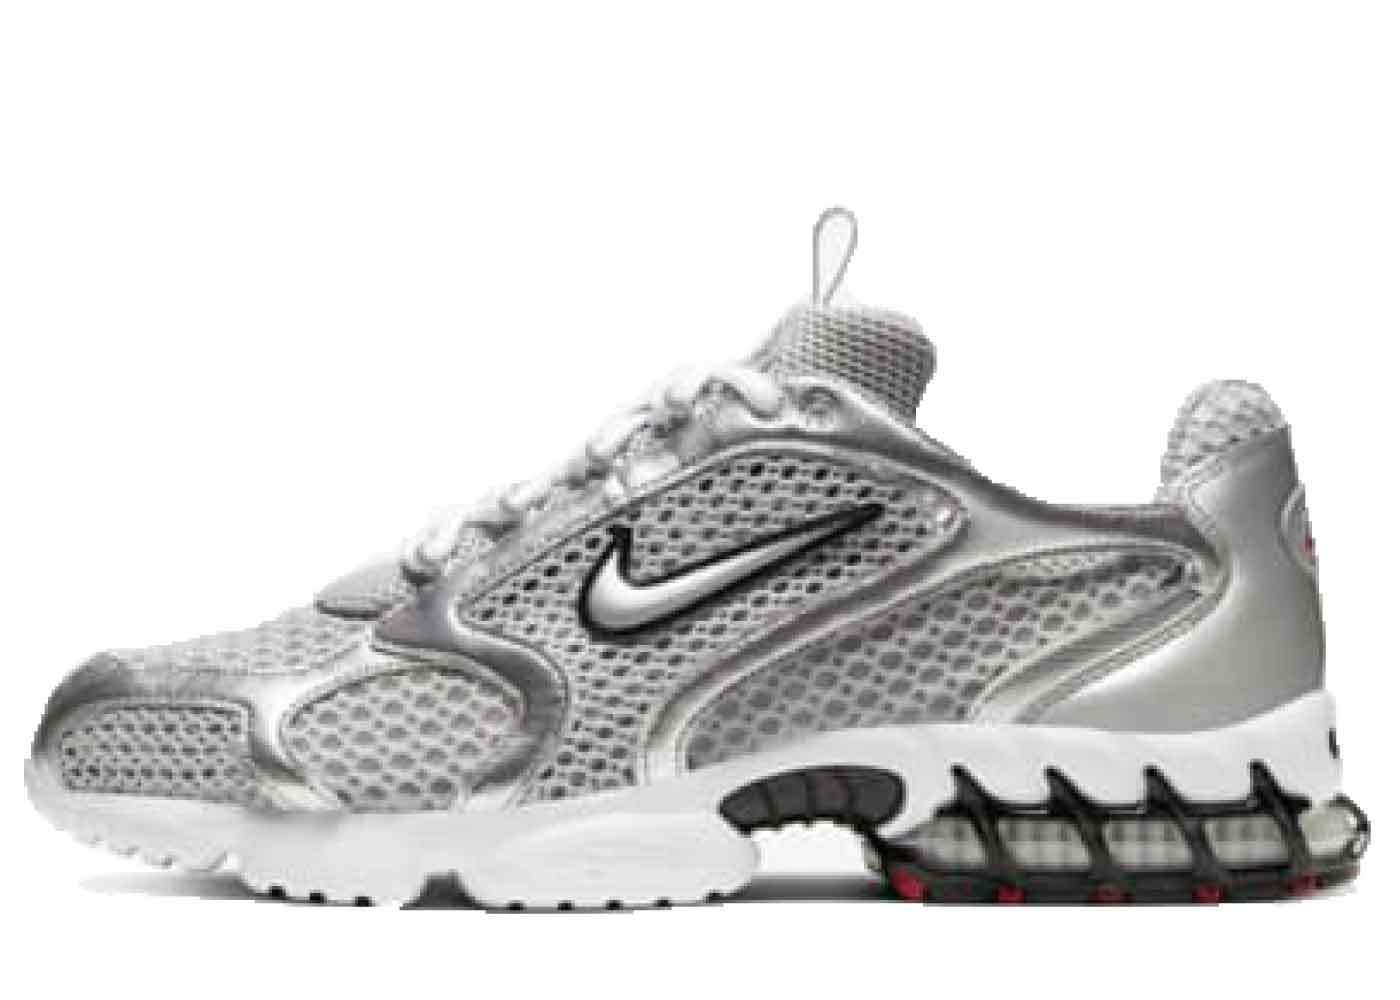 Nike Air Zoom Spiridon Cage 2 Metallic Silverの写真